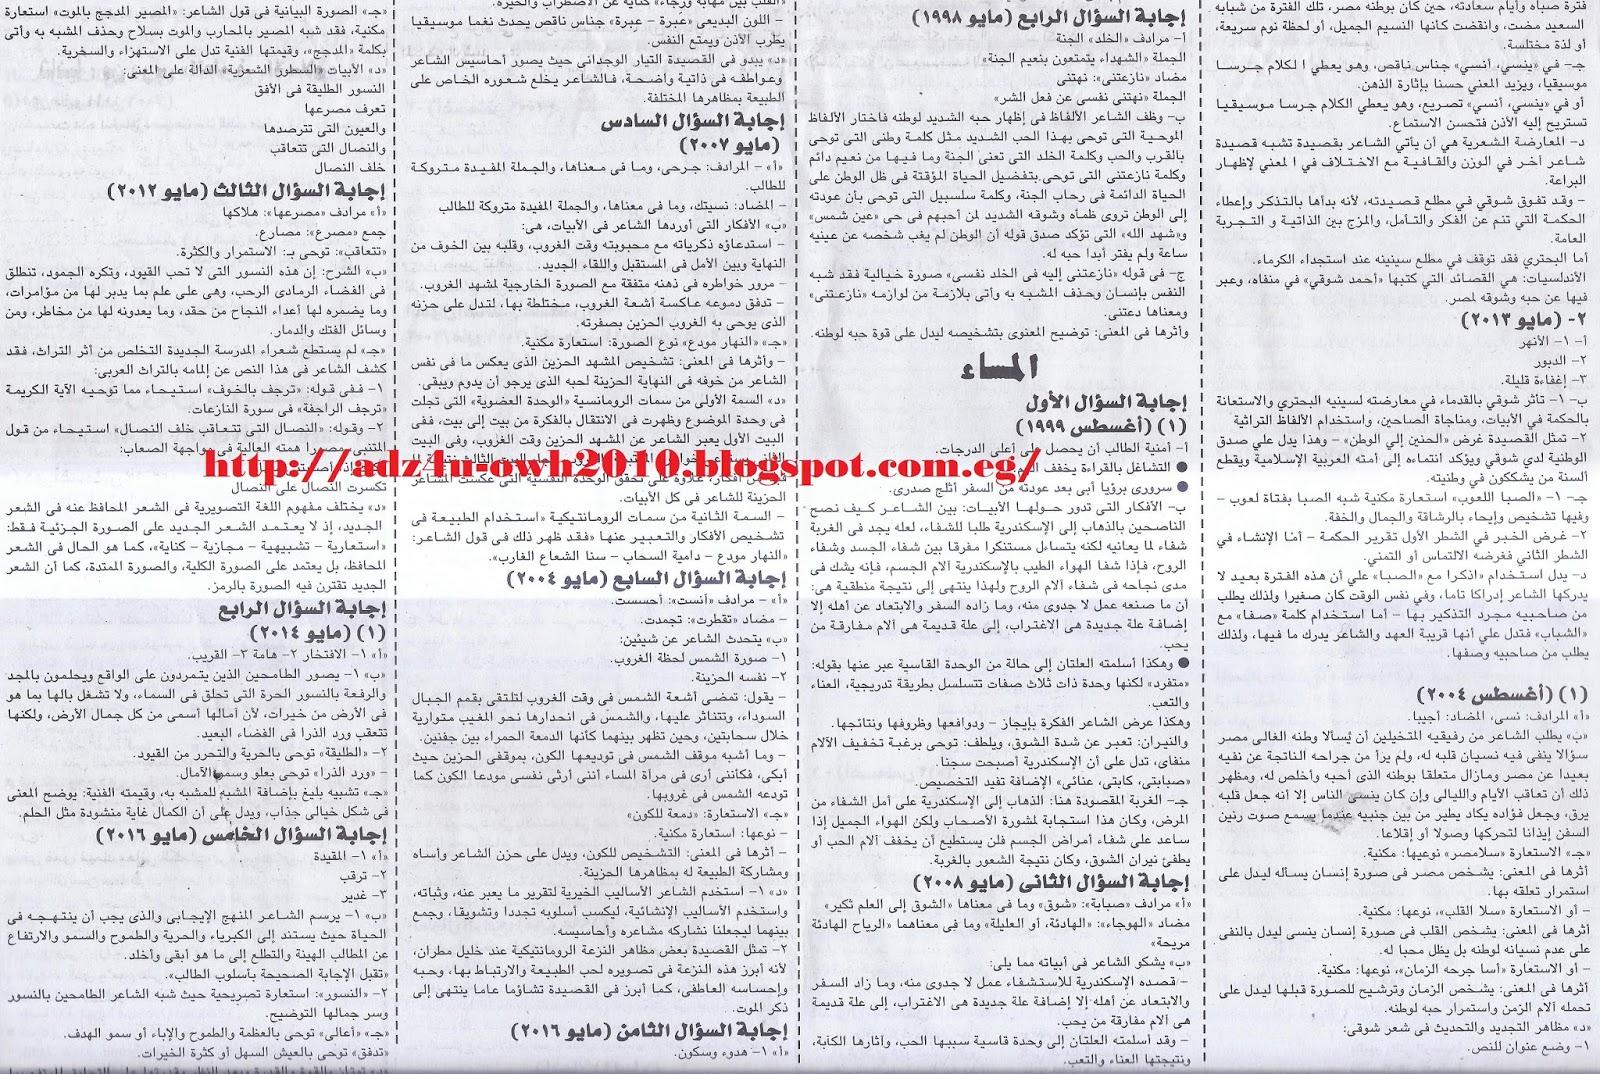 مراجعة وتوقعات ملحق الجمهورية الاخيرة في اللغة العربية للثانوية العامة 11